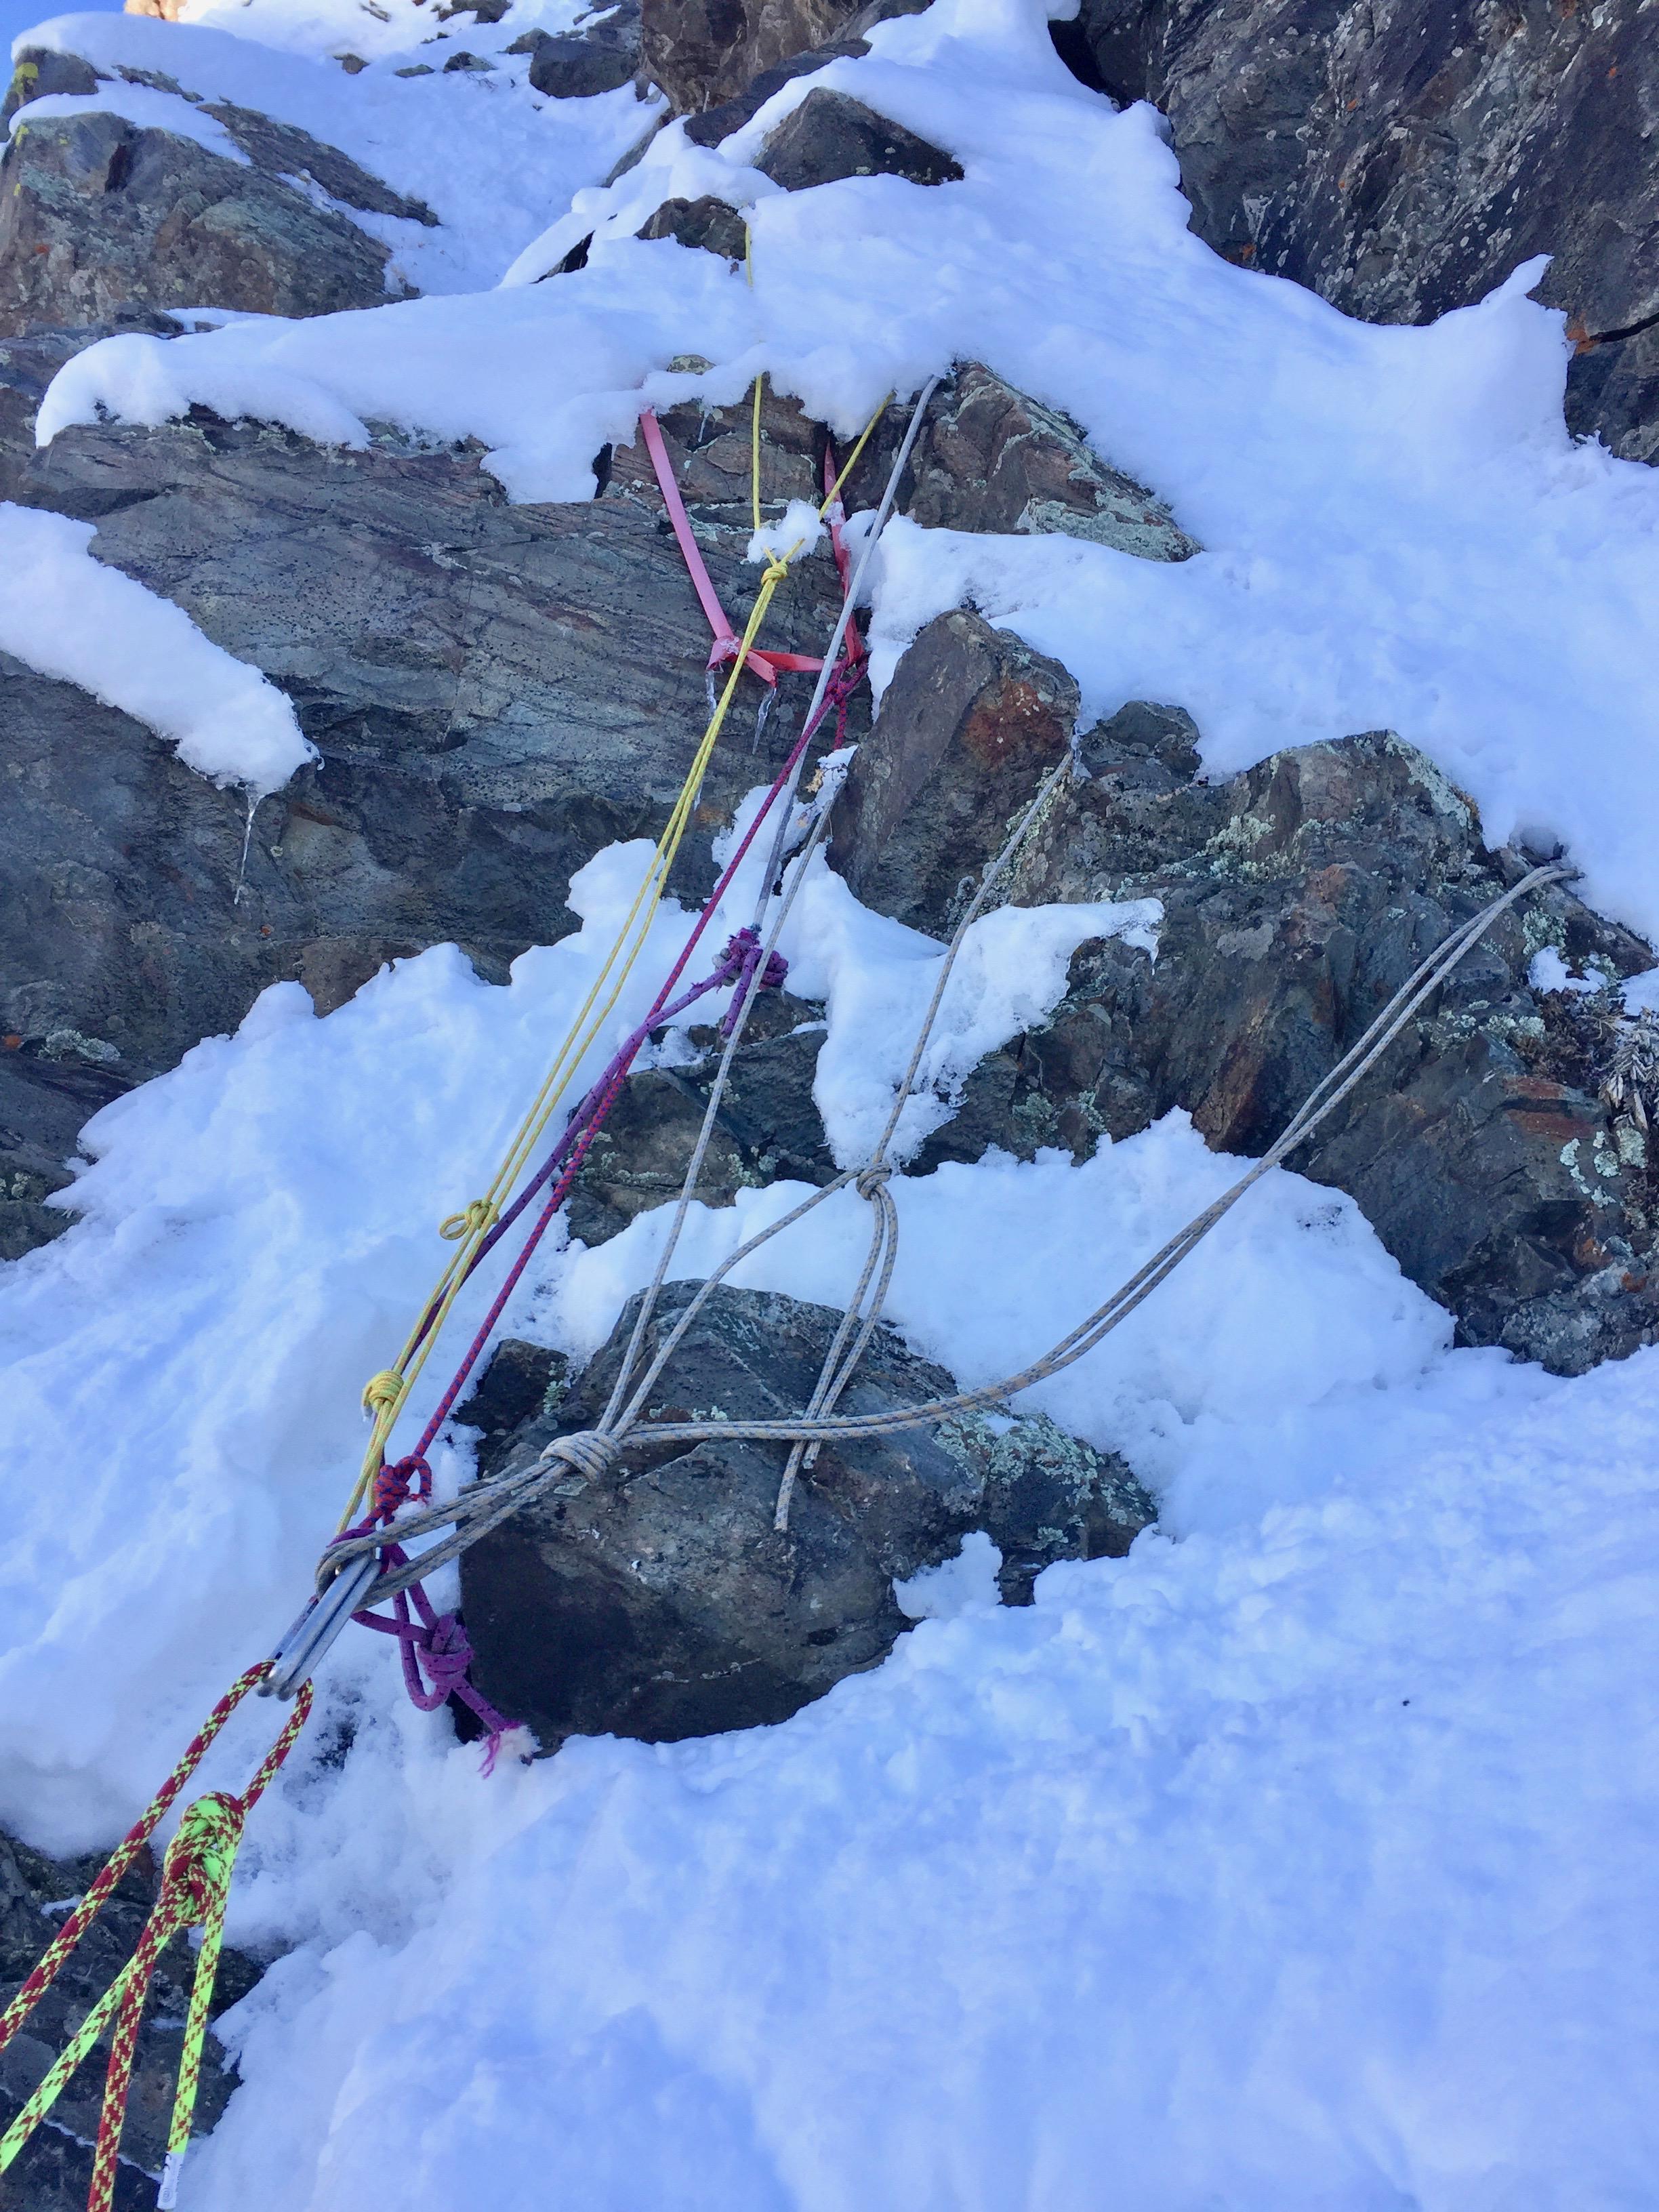 Alpine anchor. Looks legit.